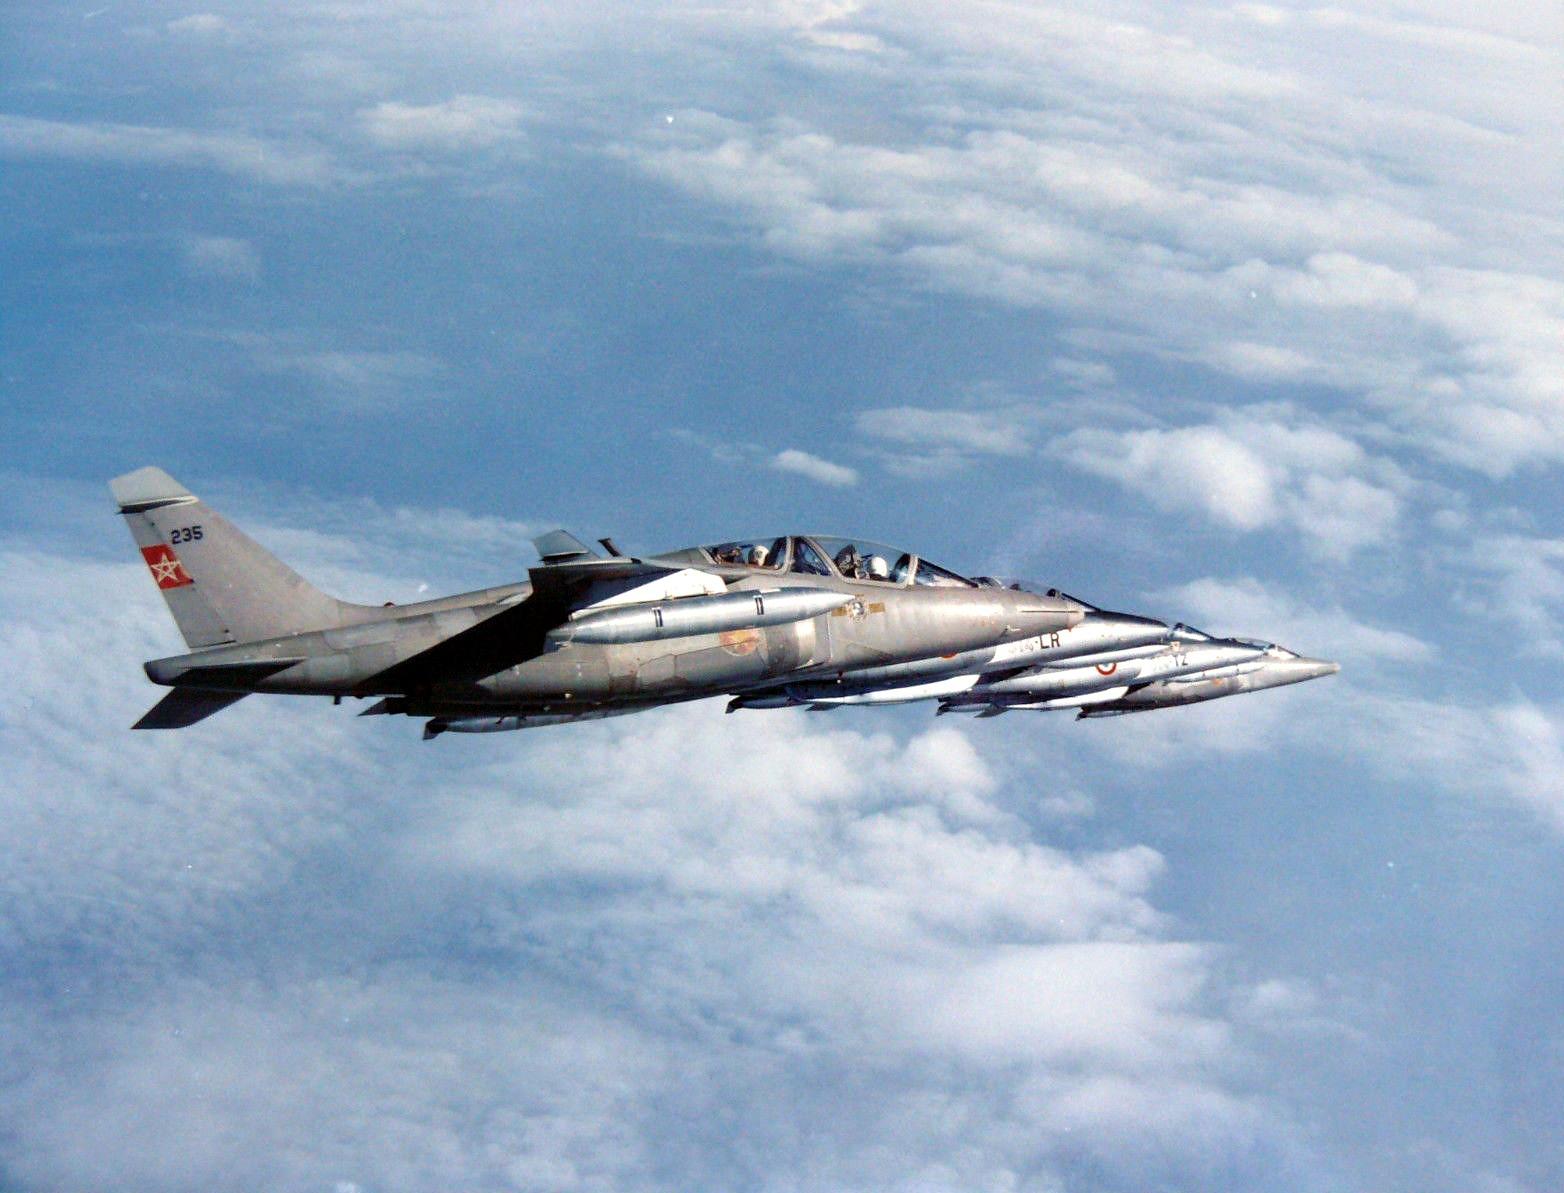 FRA: Photos avions d'entrainement et anti insurrection - Page 9 48921765081_6a2daccb54_h